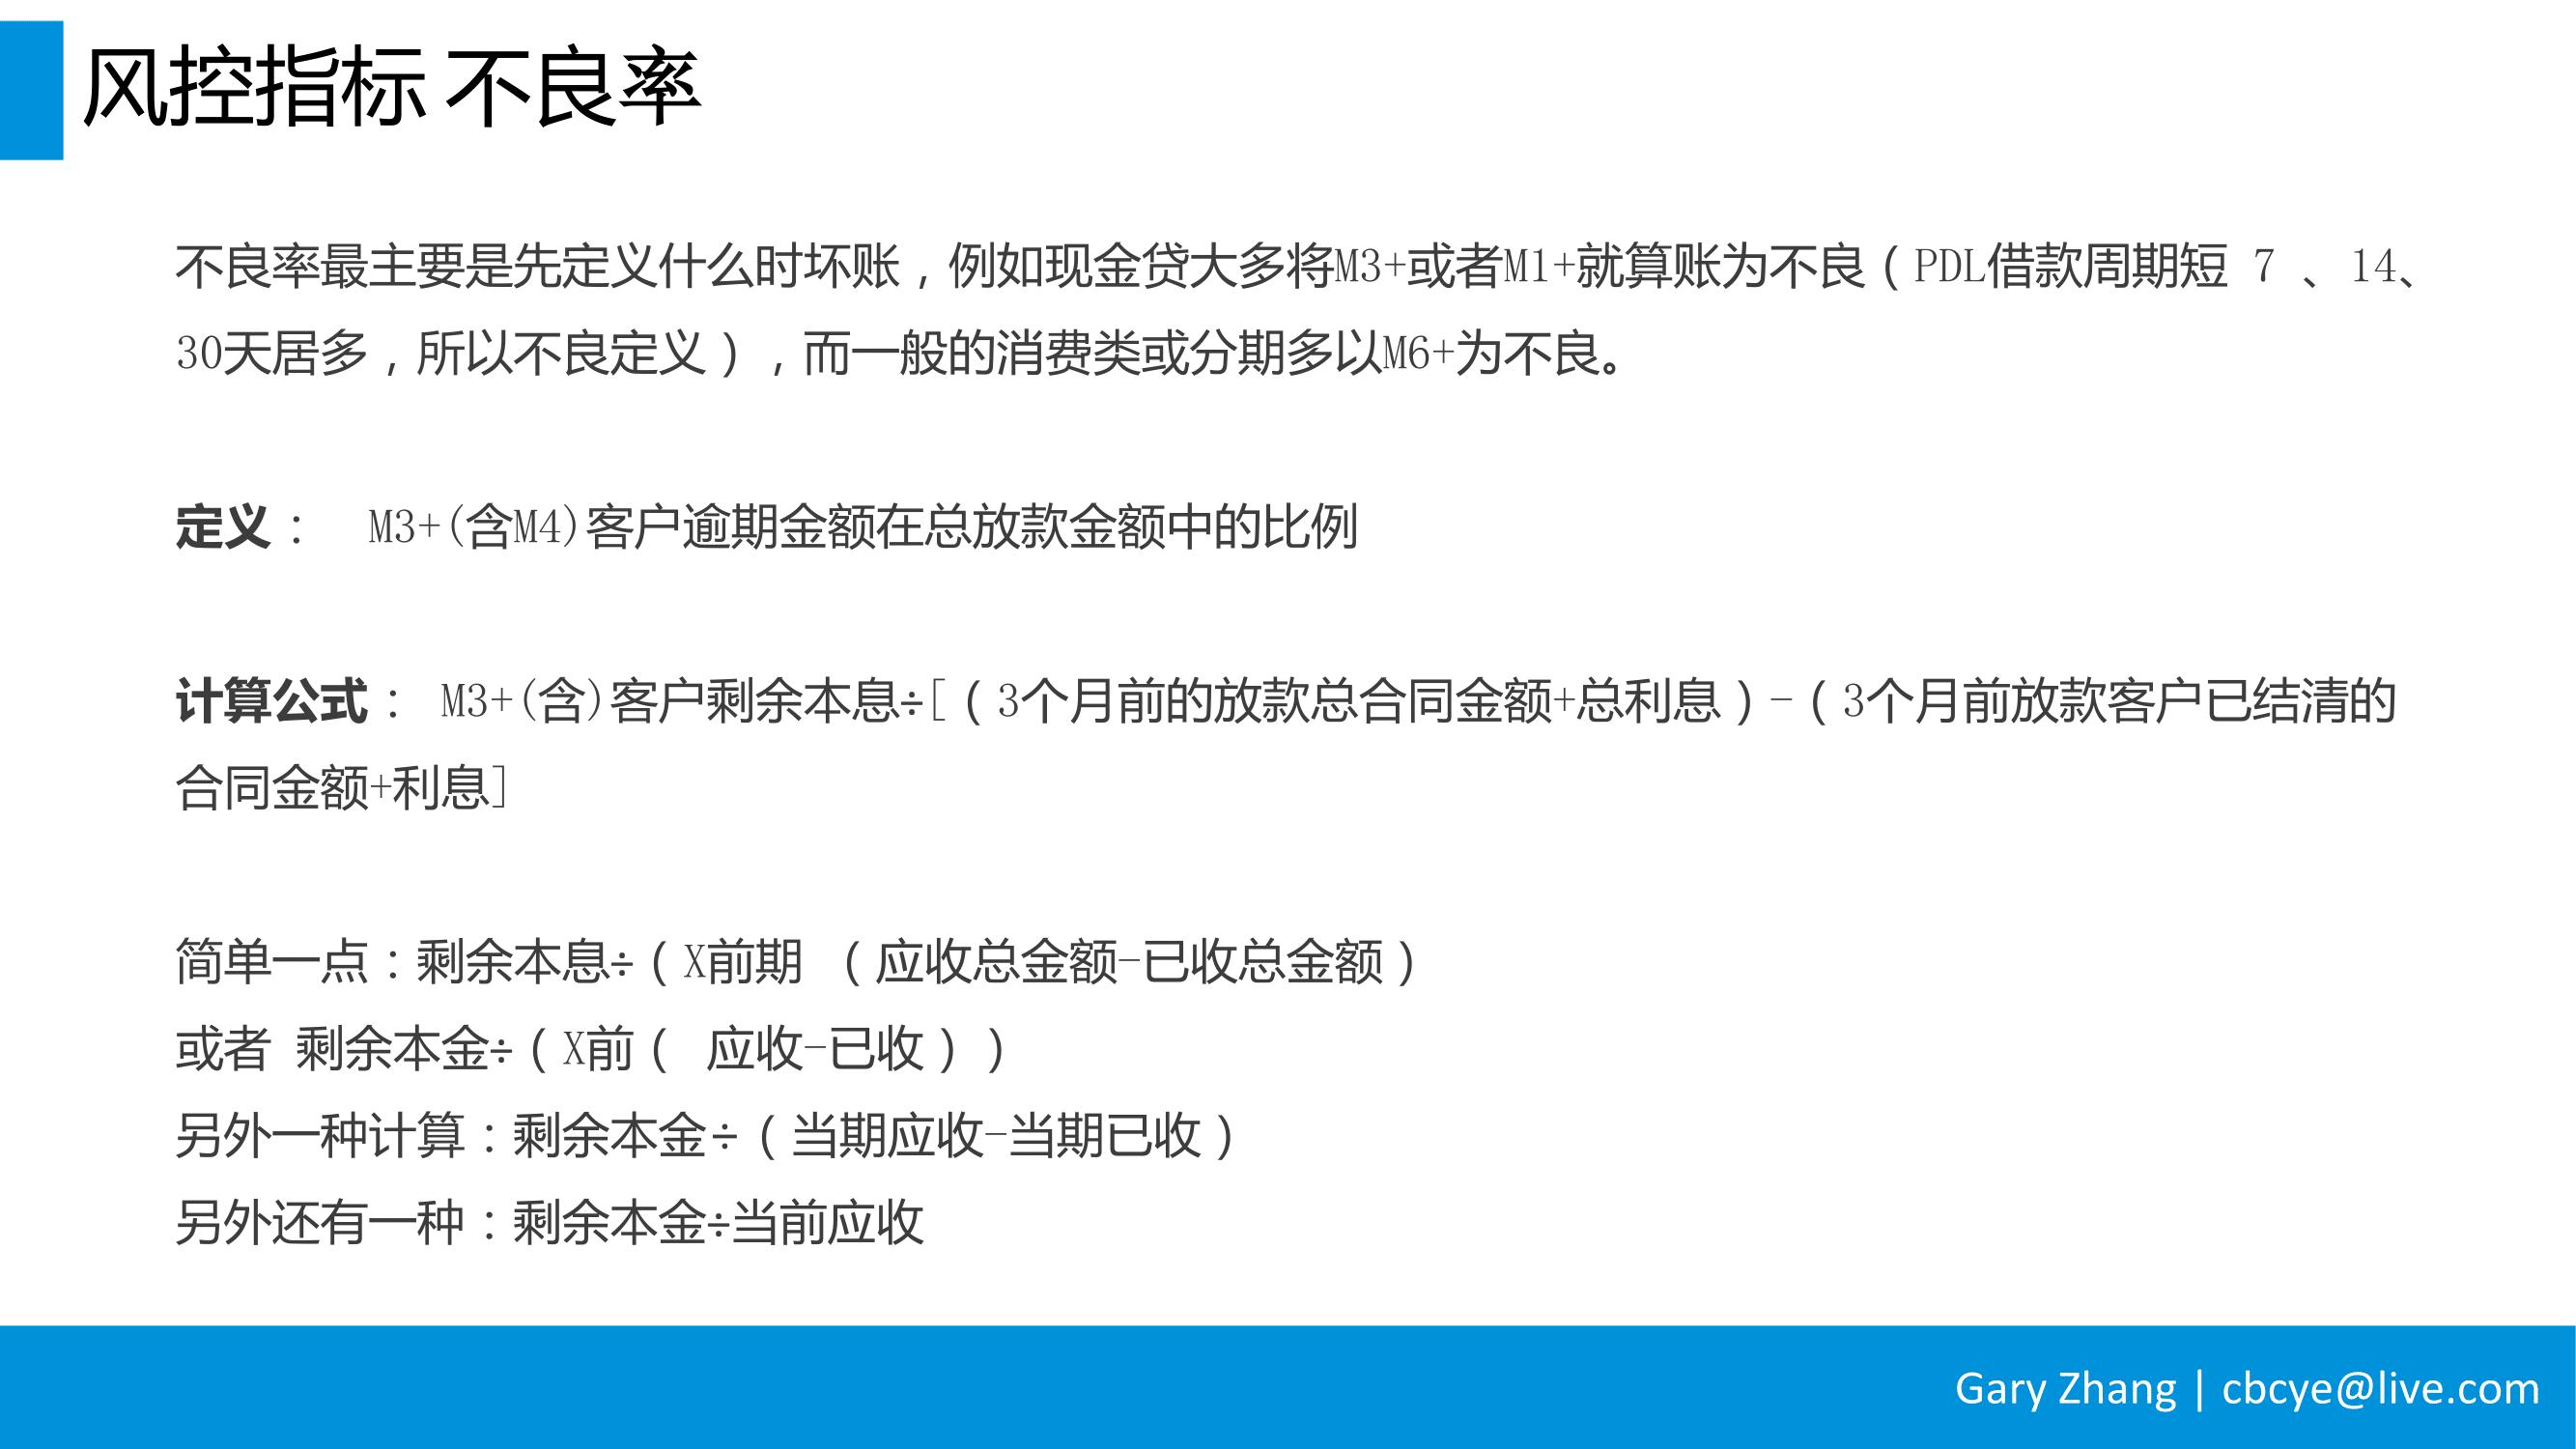 消费金融业务全流程指南_v1.0-088